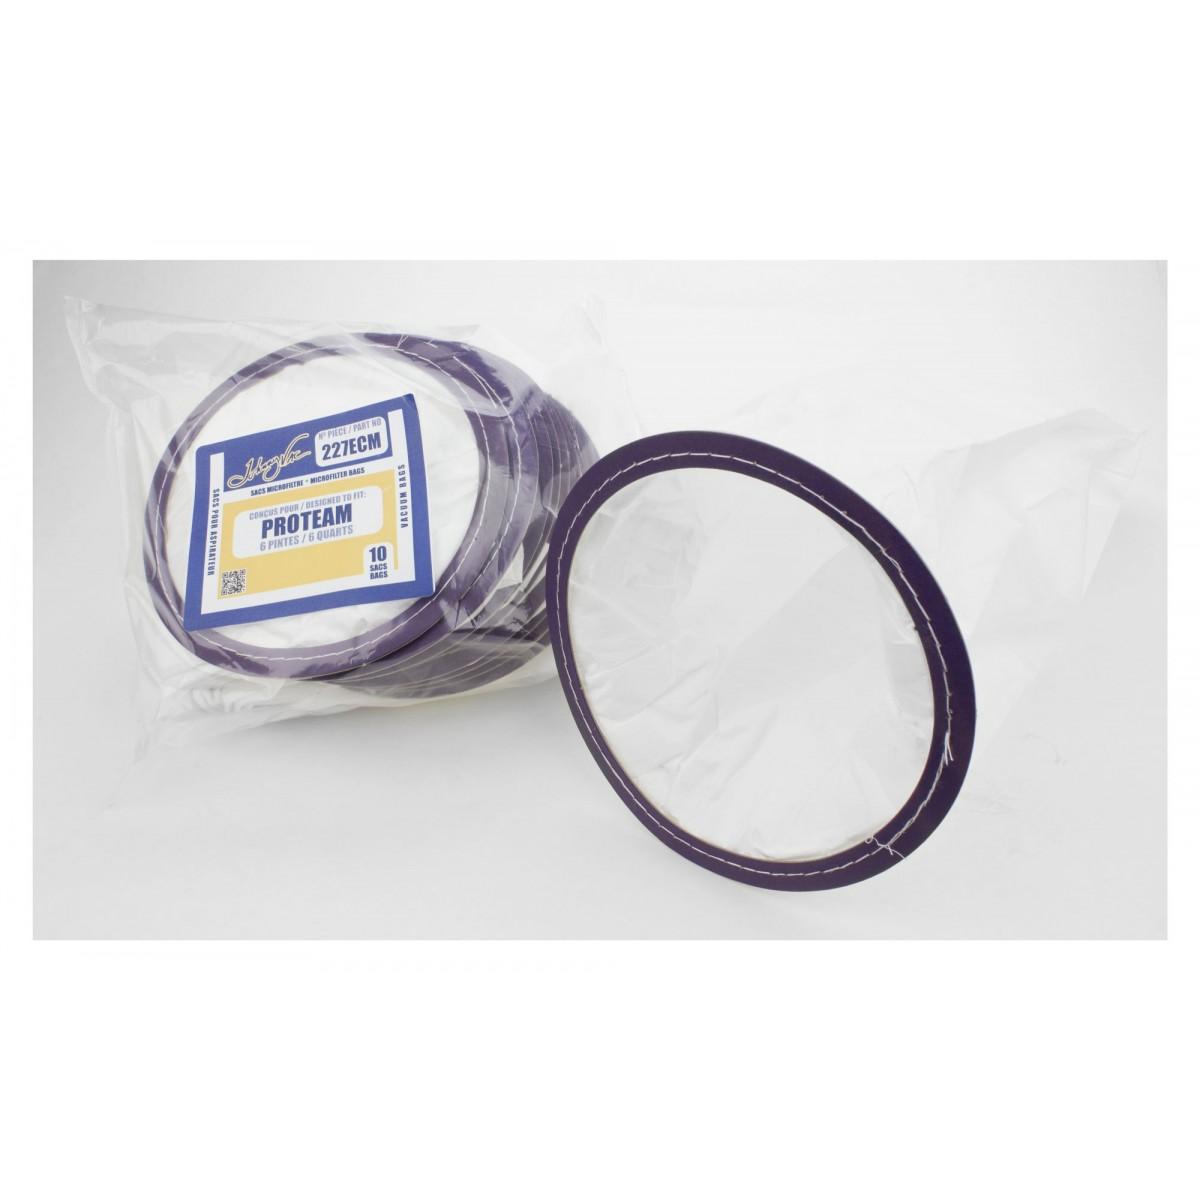 sacs microfiltre pour aspirateur proteam 6 pintes paq 10. Black Bedroom Furniture Sets. Home Design Ideas